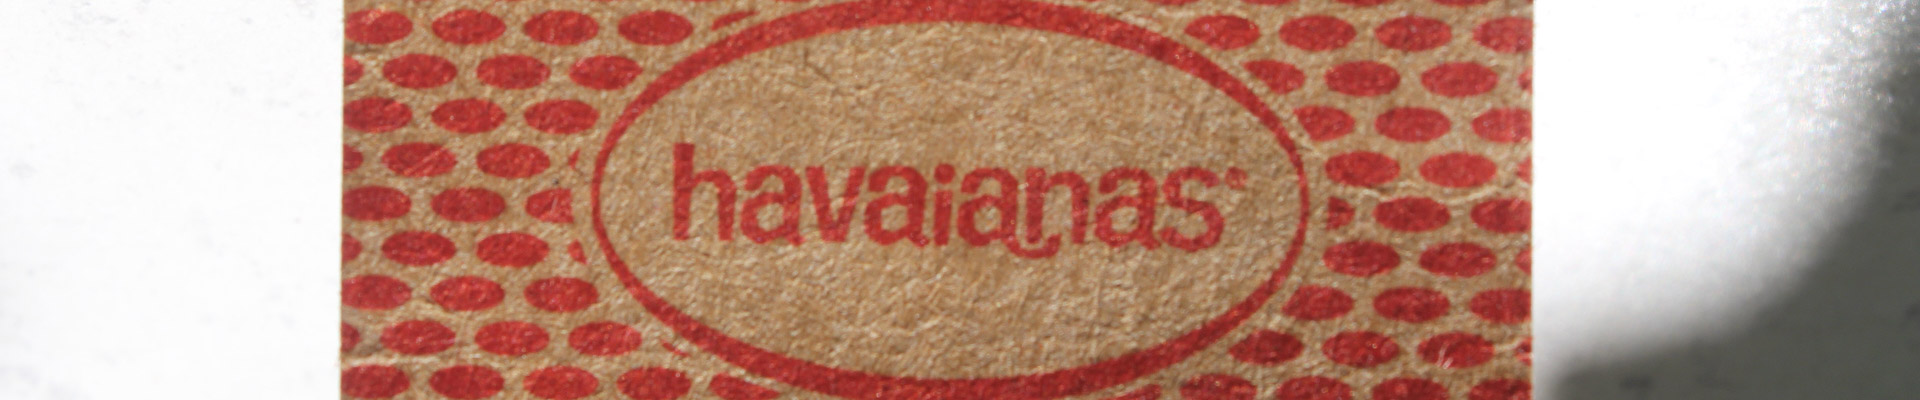 59f59c9c0c477 Tongs Brésiliennes   Havaianas, Ipanema et Cariris Homme Femme Enfant